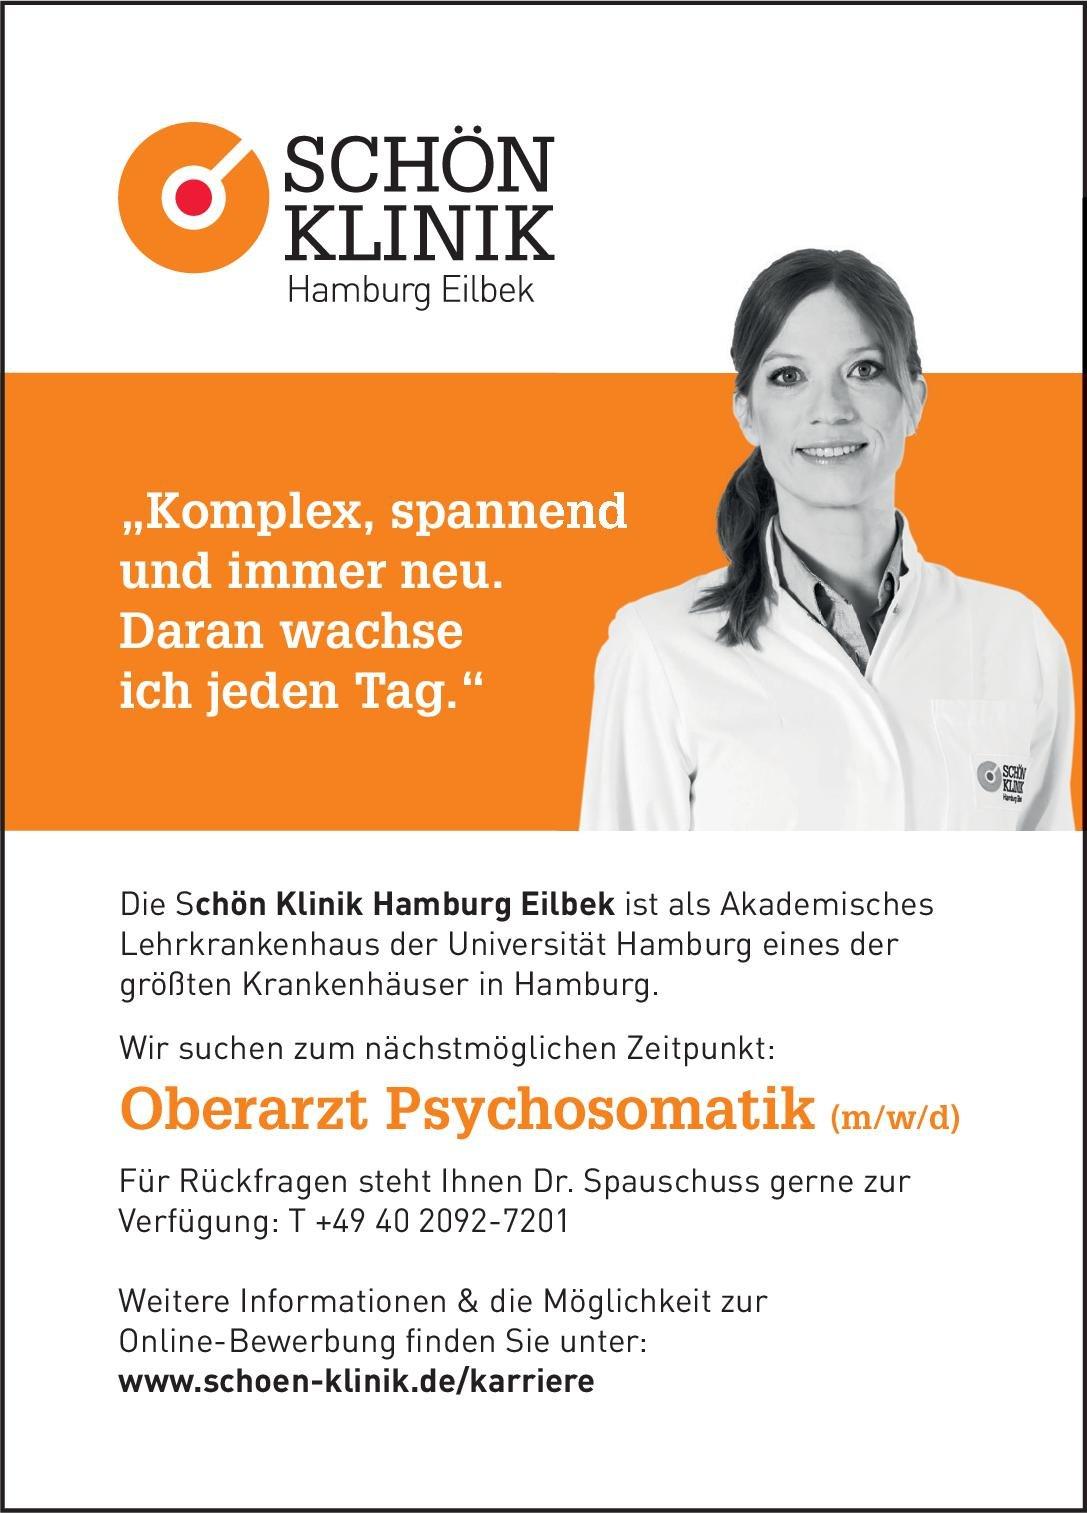 Schön Klinik Hamburg Eilbek Oberarzt Psychosomatik (m/w/d) Psychosomatische Medizin und Psychotherapie Oberarzt